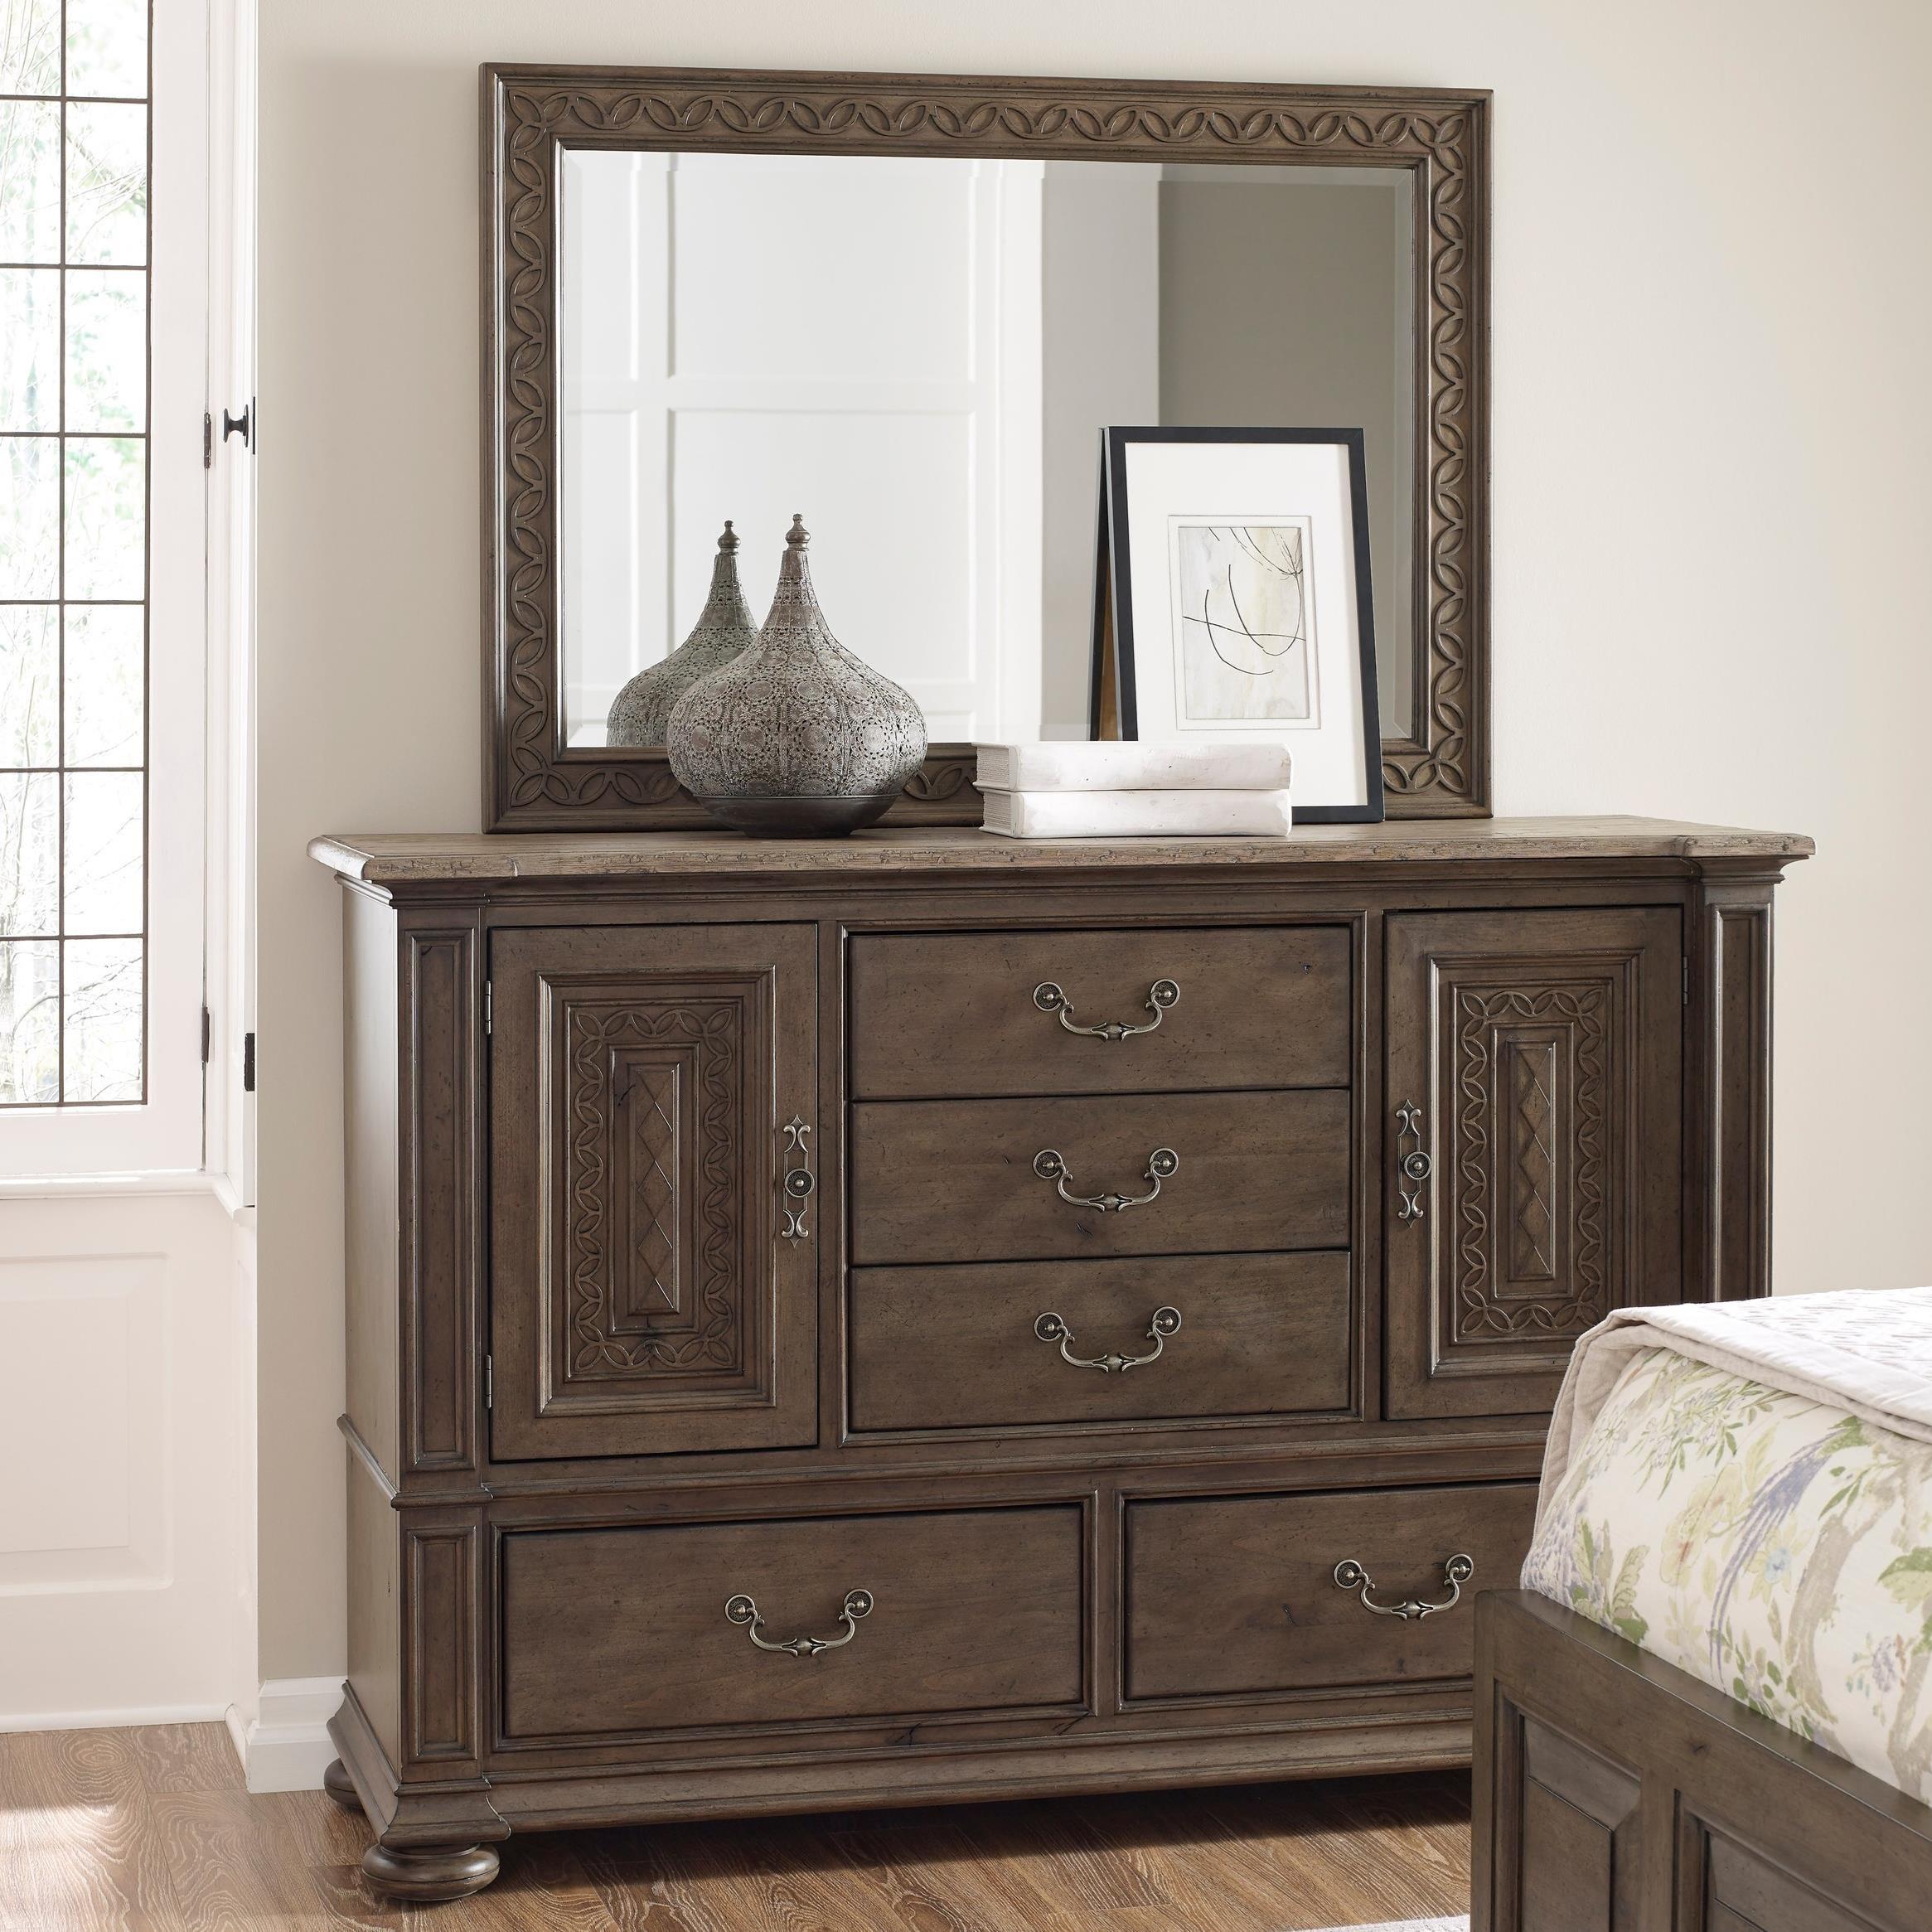 kincaid furniture greyson putnam media dresser and kane landscape mirror set